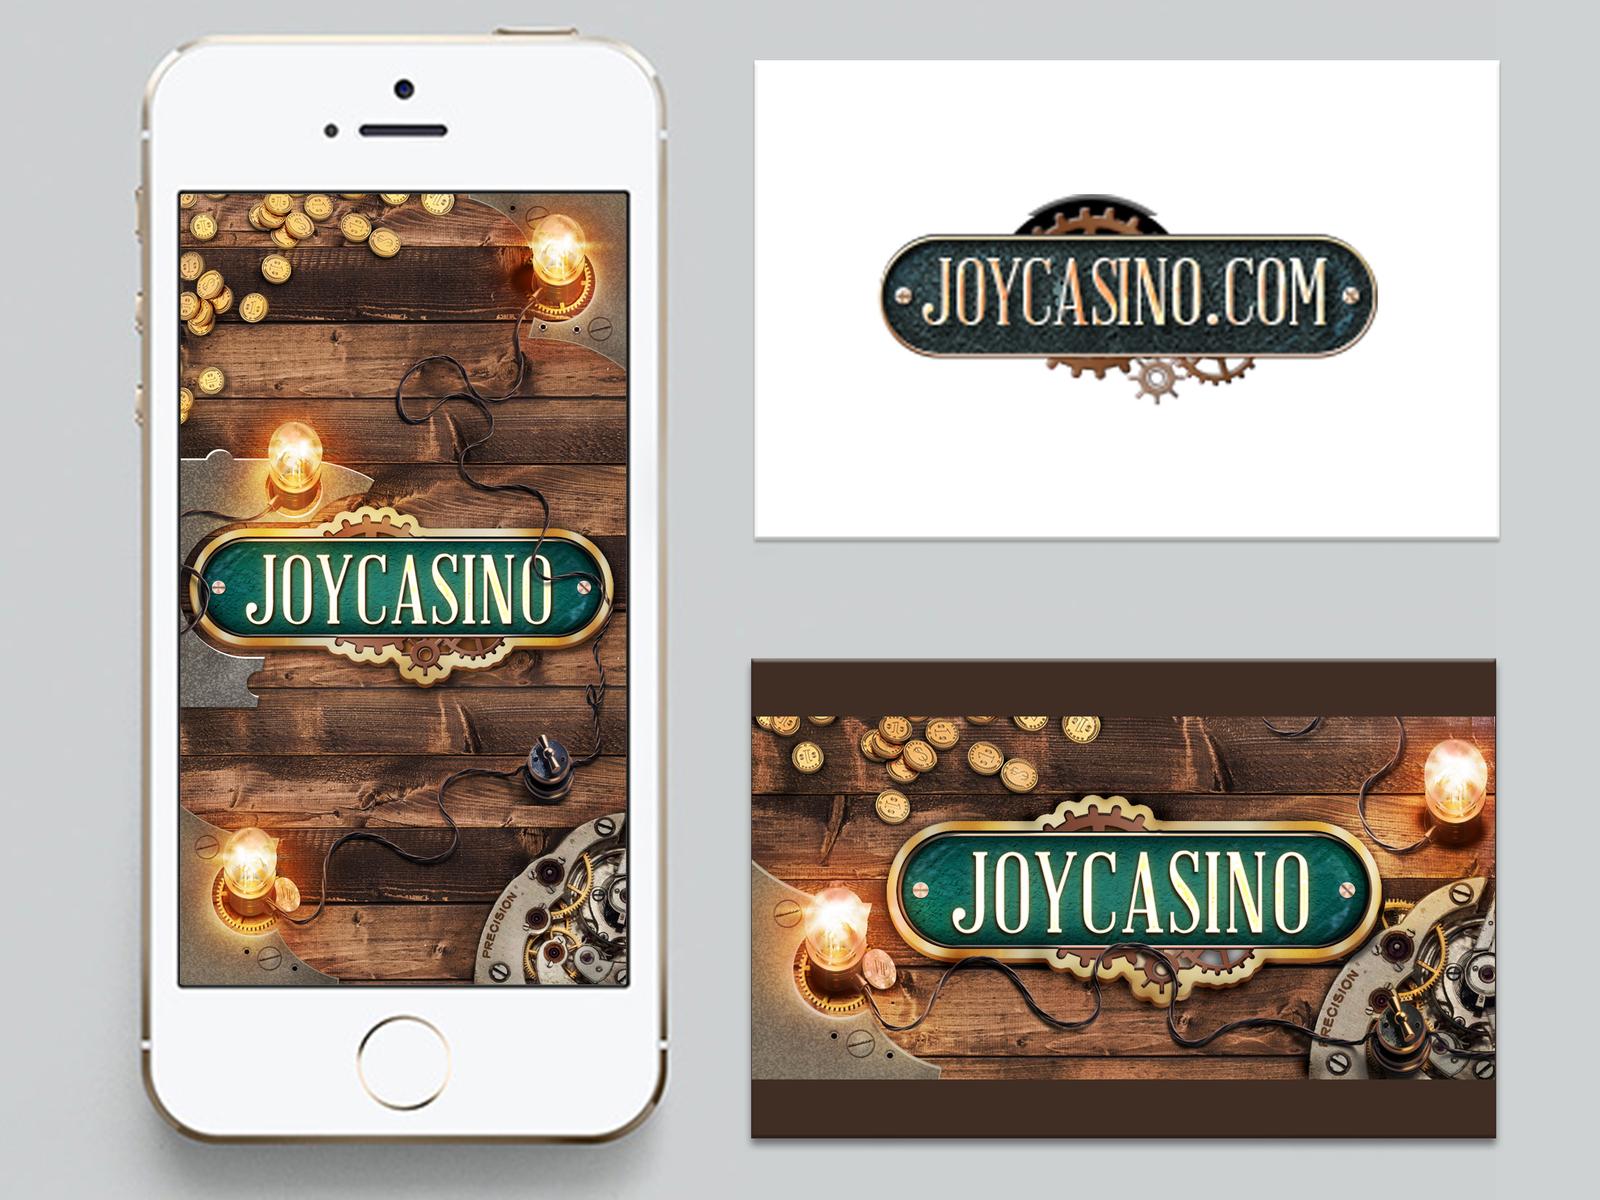 официальный сайт joycasino 17